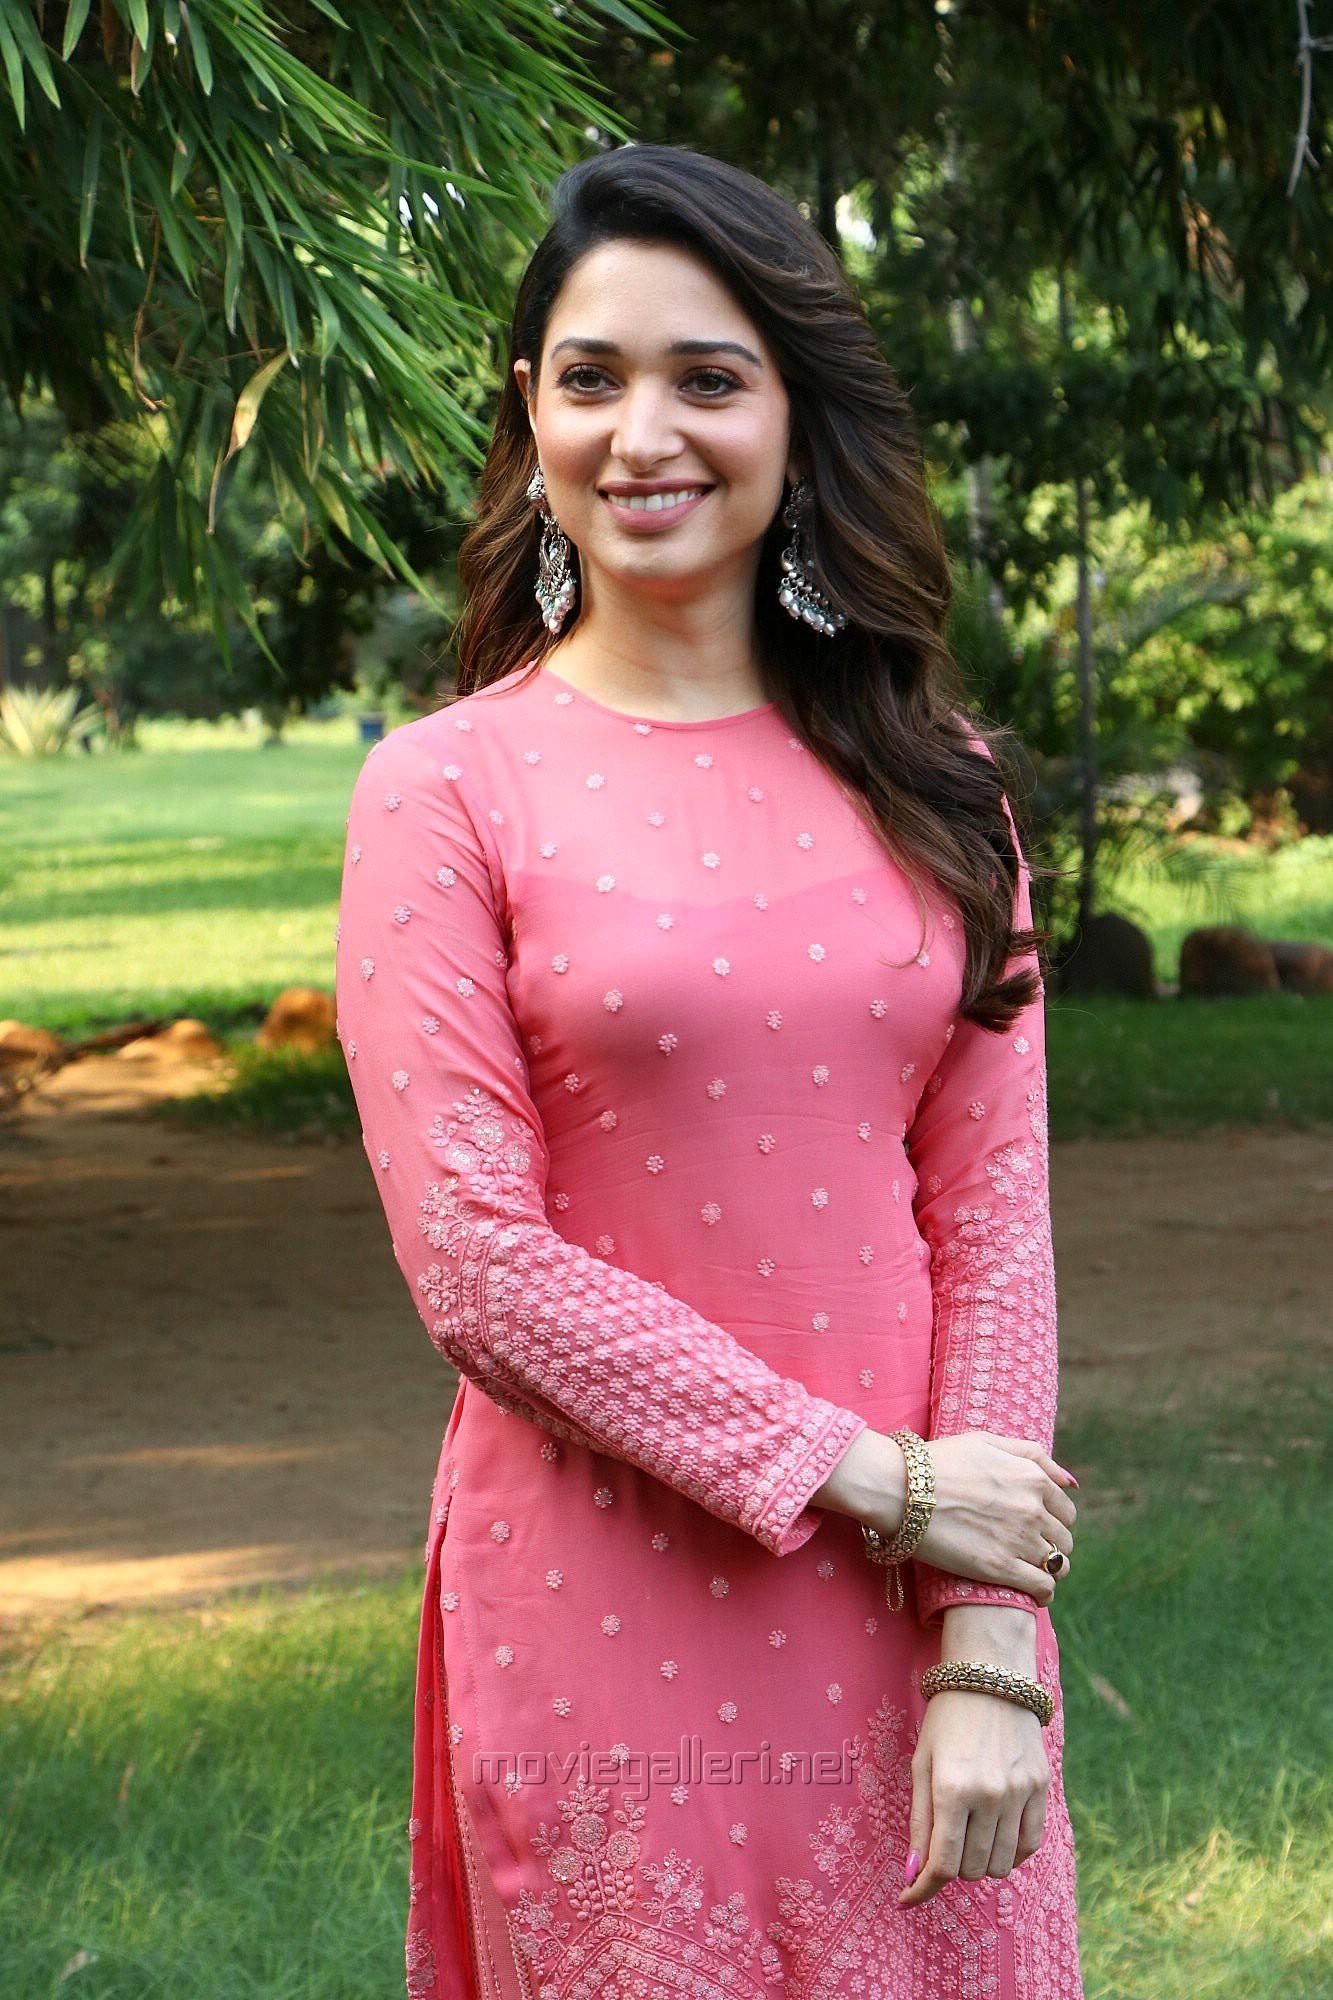 Petromax Movie Actress Tamanna Bhatia Beautiful Photos